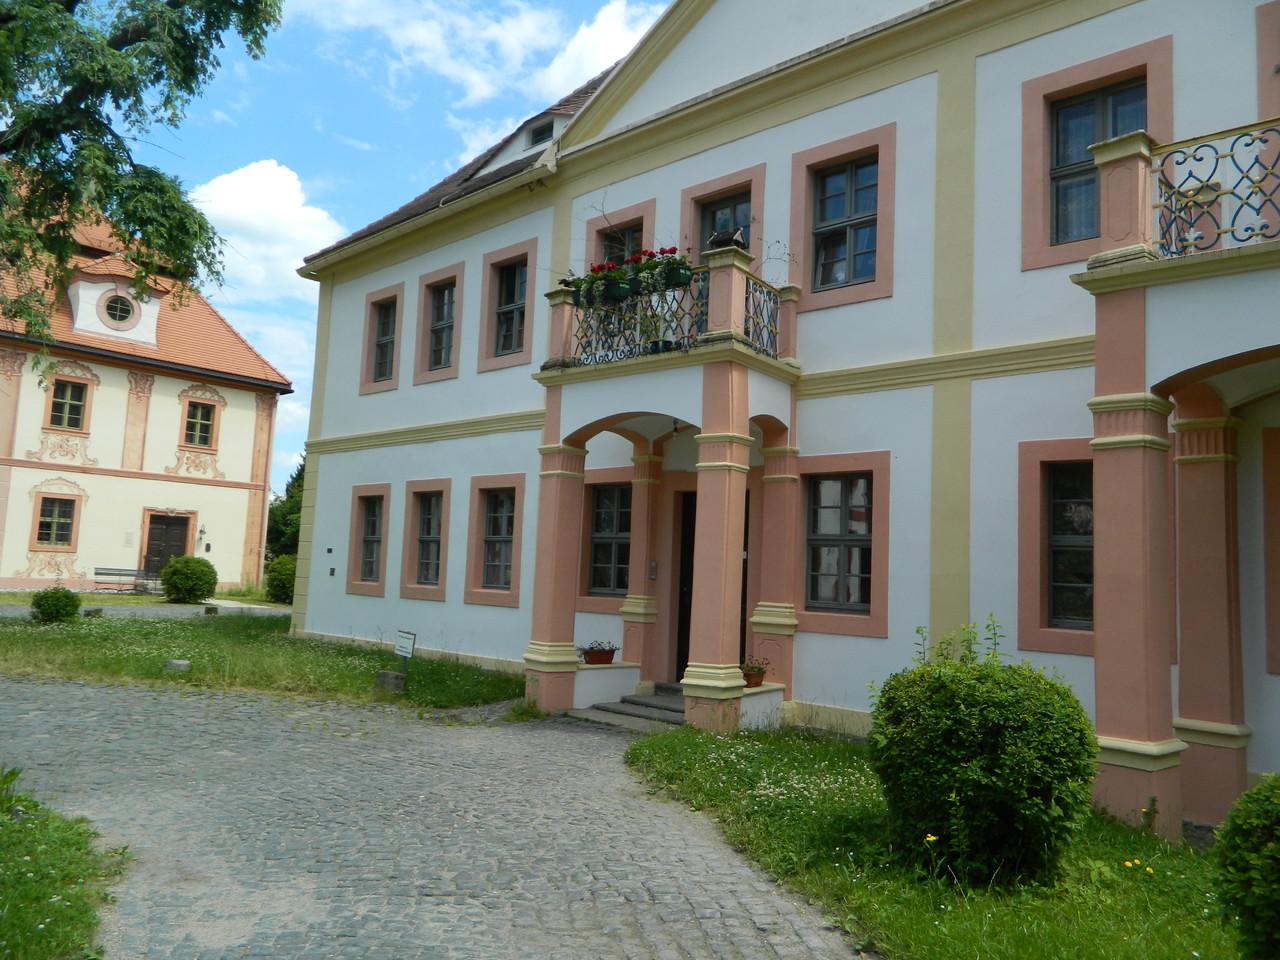 Kloster Marienthal an der Neiße